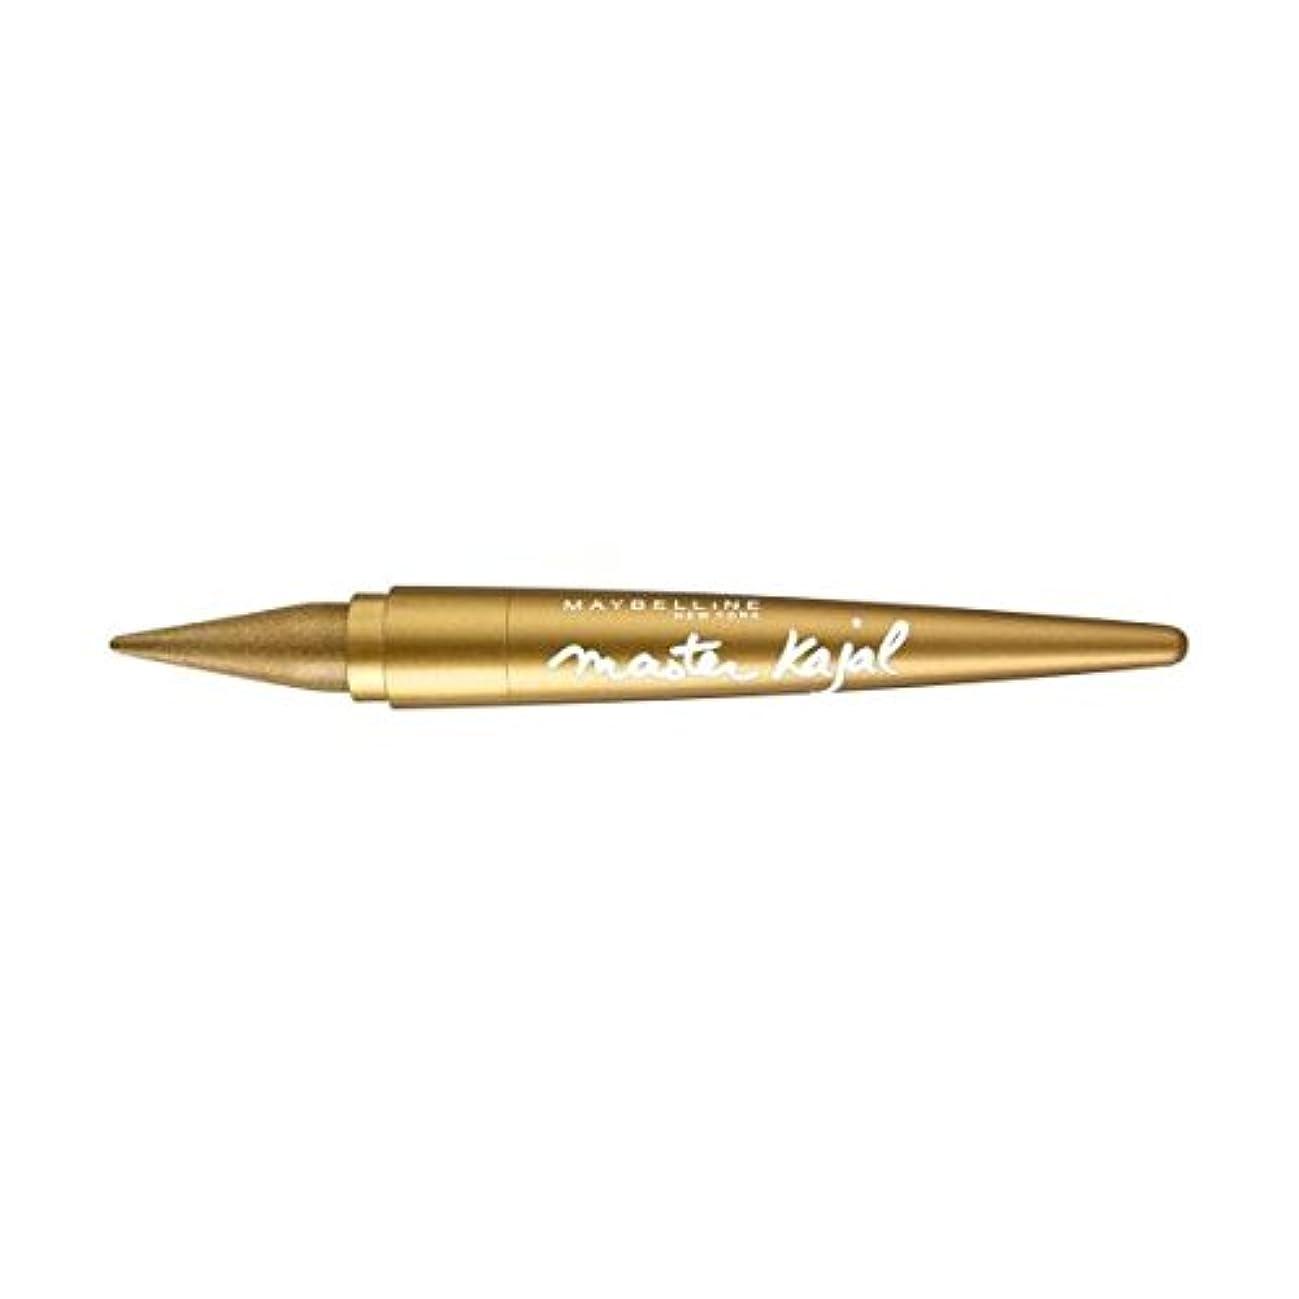 打撃規範経済的L'Oreal Khol Liner Master Kajal Eyeliner - Gold